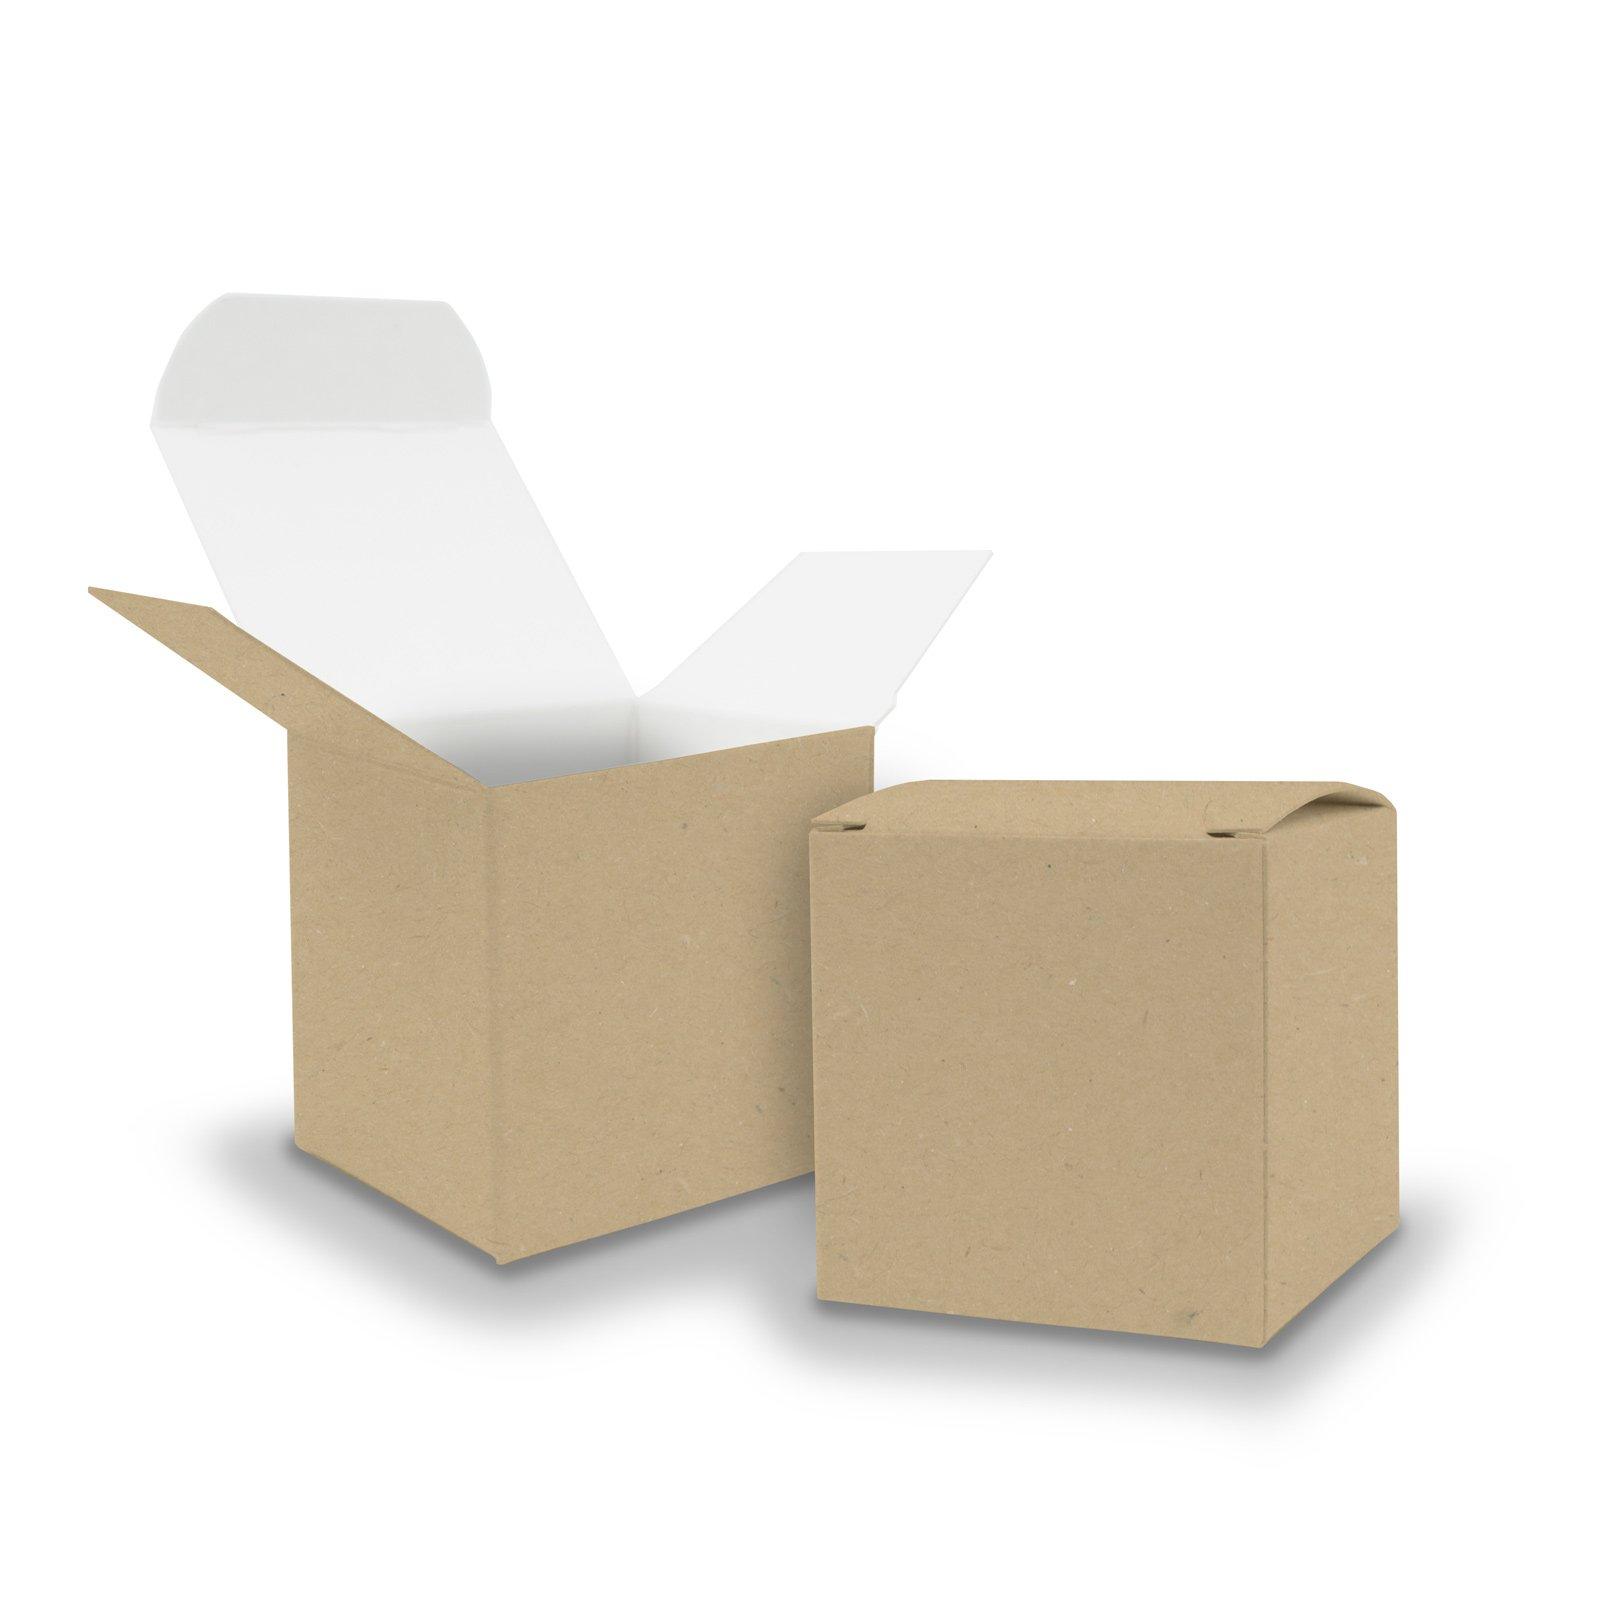 25 X itenga Cubo cartón kraft 6.5 x 6.5 cm exterior marrón Interior Color Blanco caja de regalo para rellenar (boda invitados.Calendario de Adviento. Bautizo. Cumpleaños. regalo. Comunión): Amazon.es: Hogar